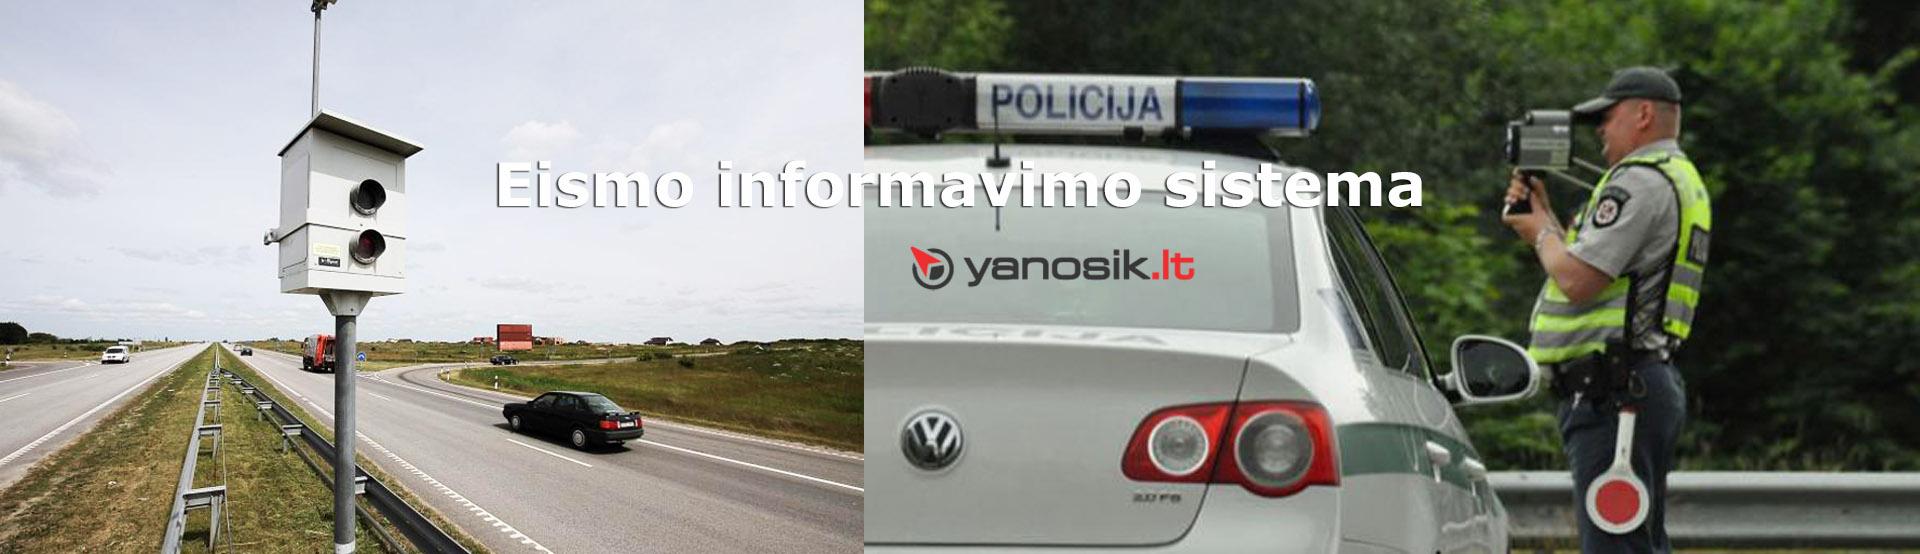 Ketvirtas baneris Yanosik